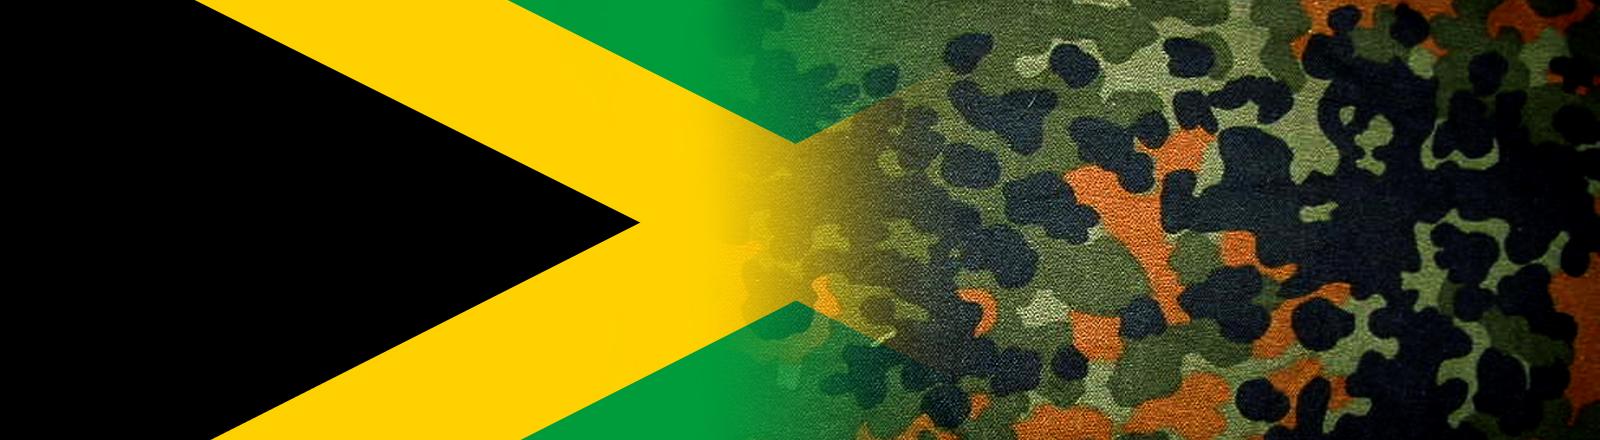 Eine Jamaika Flagge, darüber ein Flecktarn-Stoff